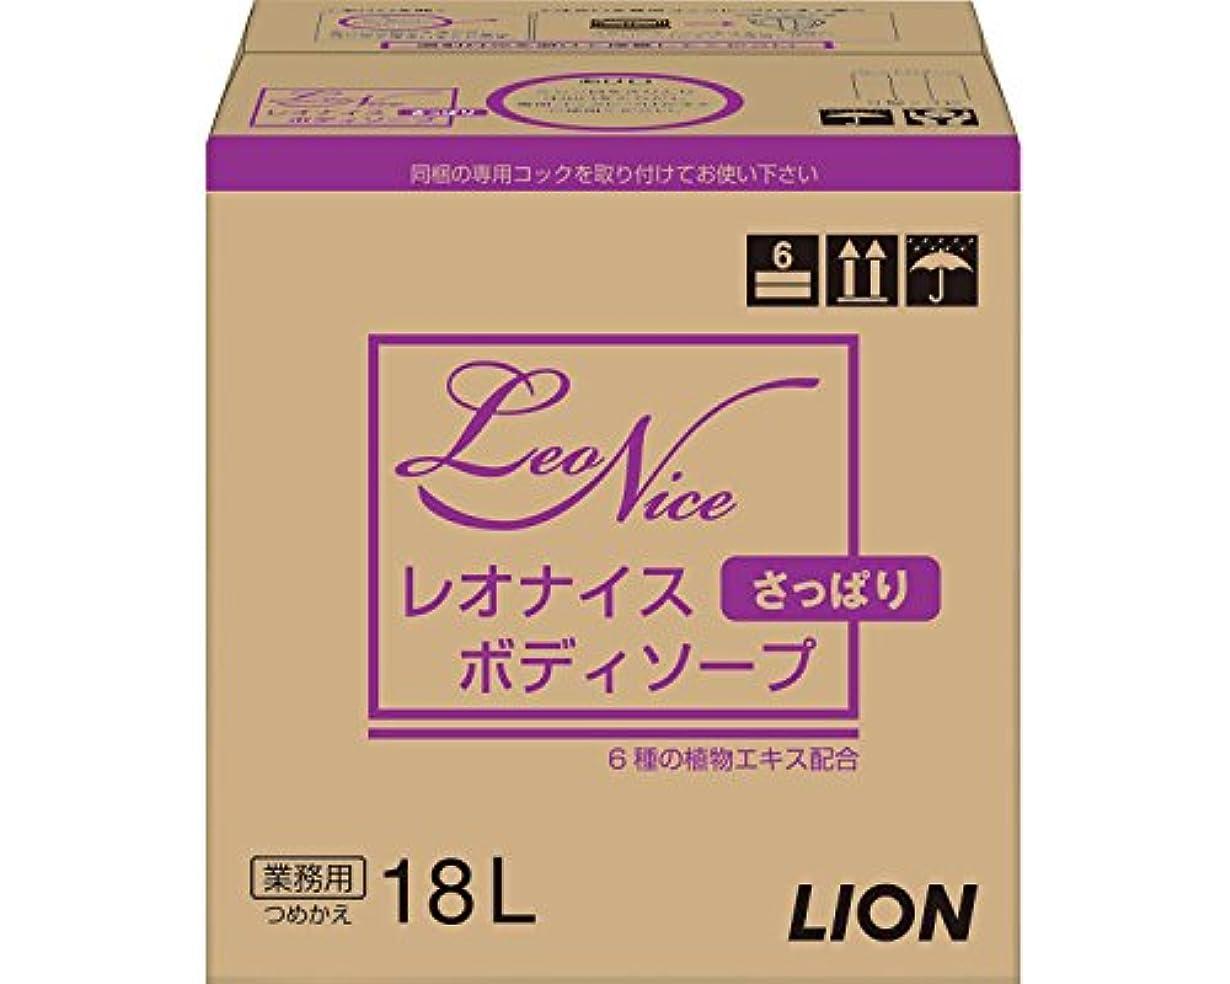 くさび赤面アロングレオナイスさっぱりボディソープ 18L (ライオンハイジーン) (清拭小物)